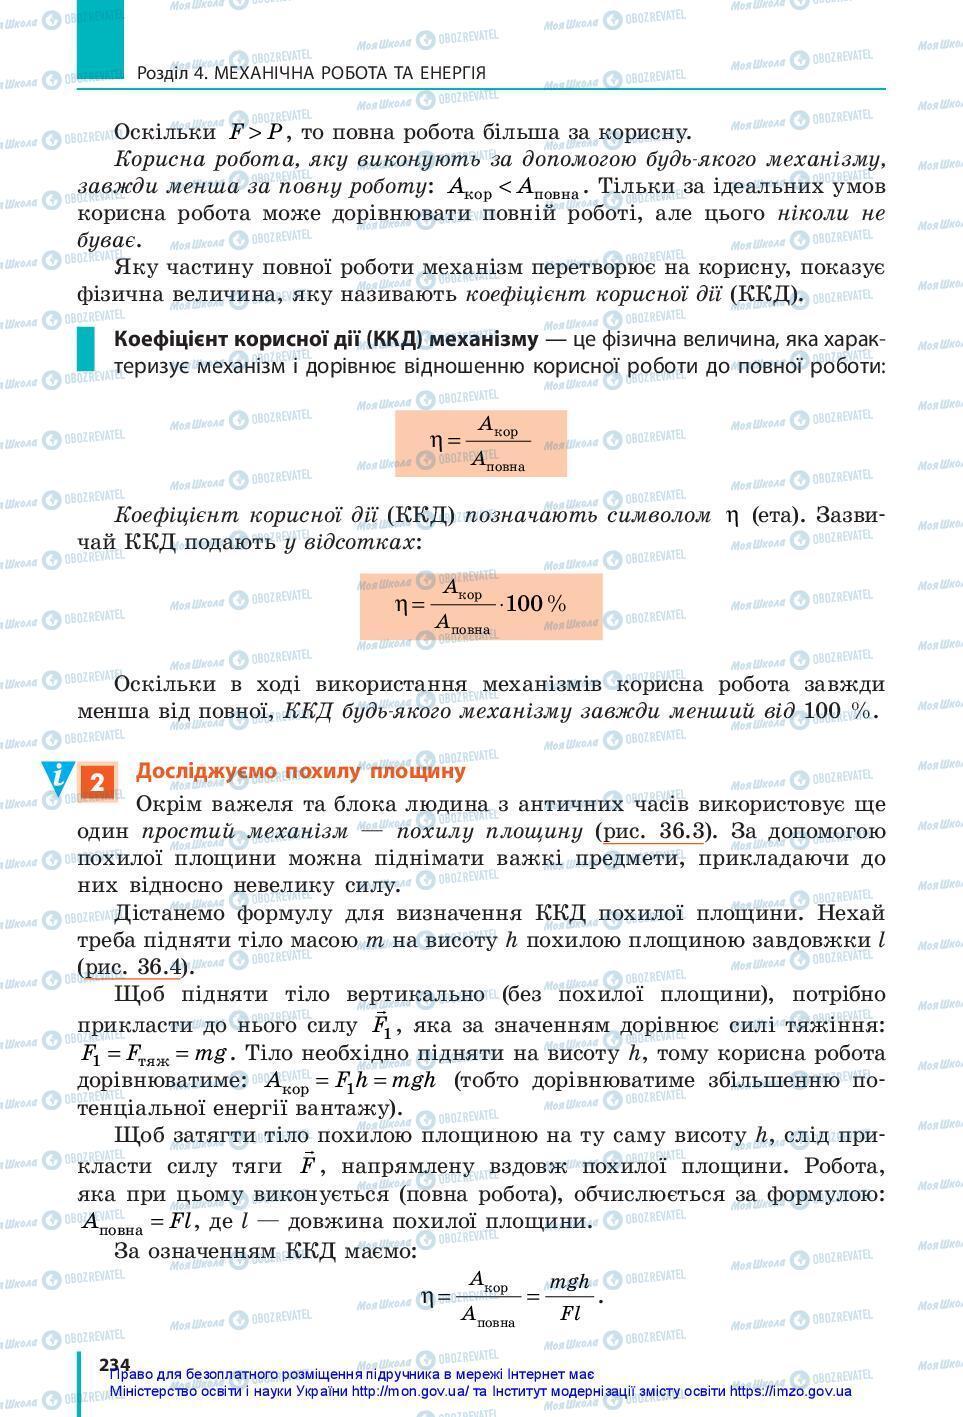 Підручники Фізика 7 клас сторінка 234